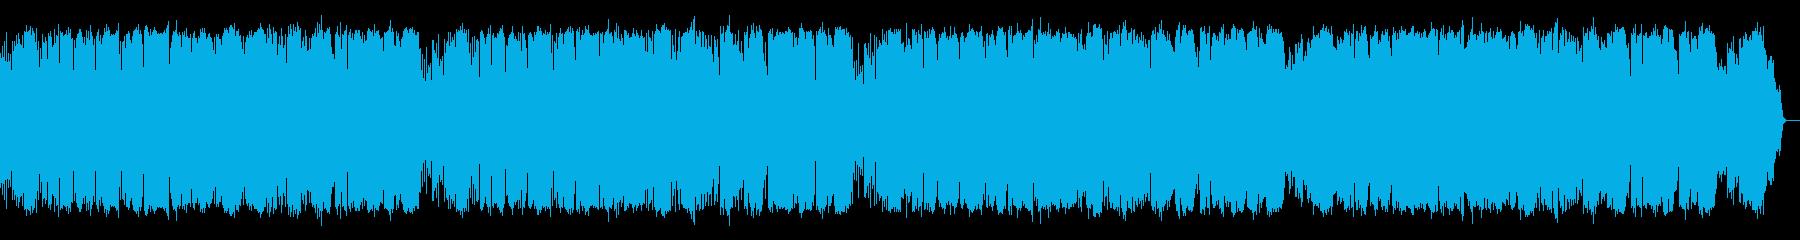 メルヘン、ファンタスティックな昭和ポップの再生済みの波形